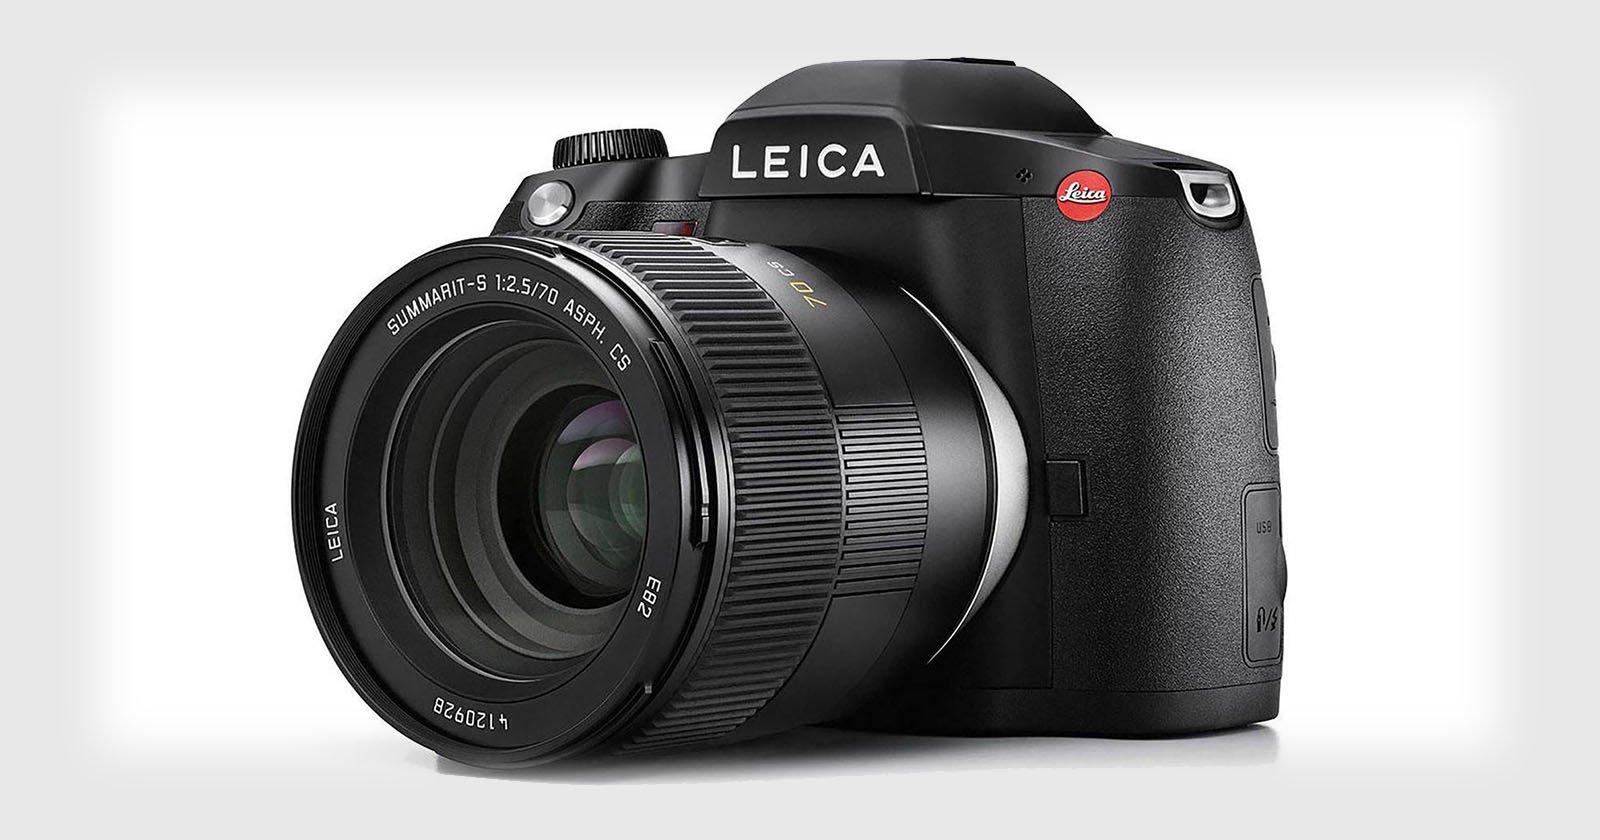 Leica Unveils the S3, A 64-Megapixel Medium Format DSLR